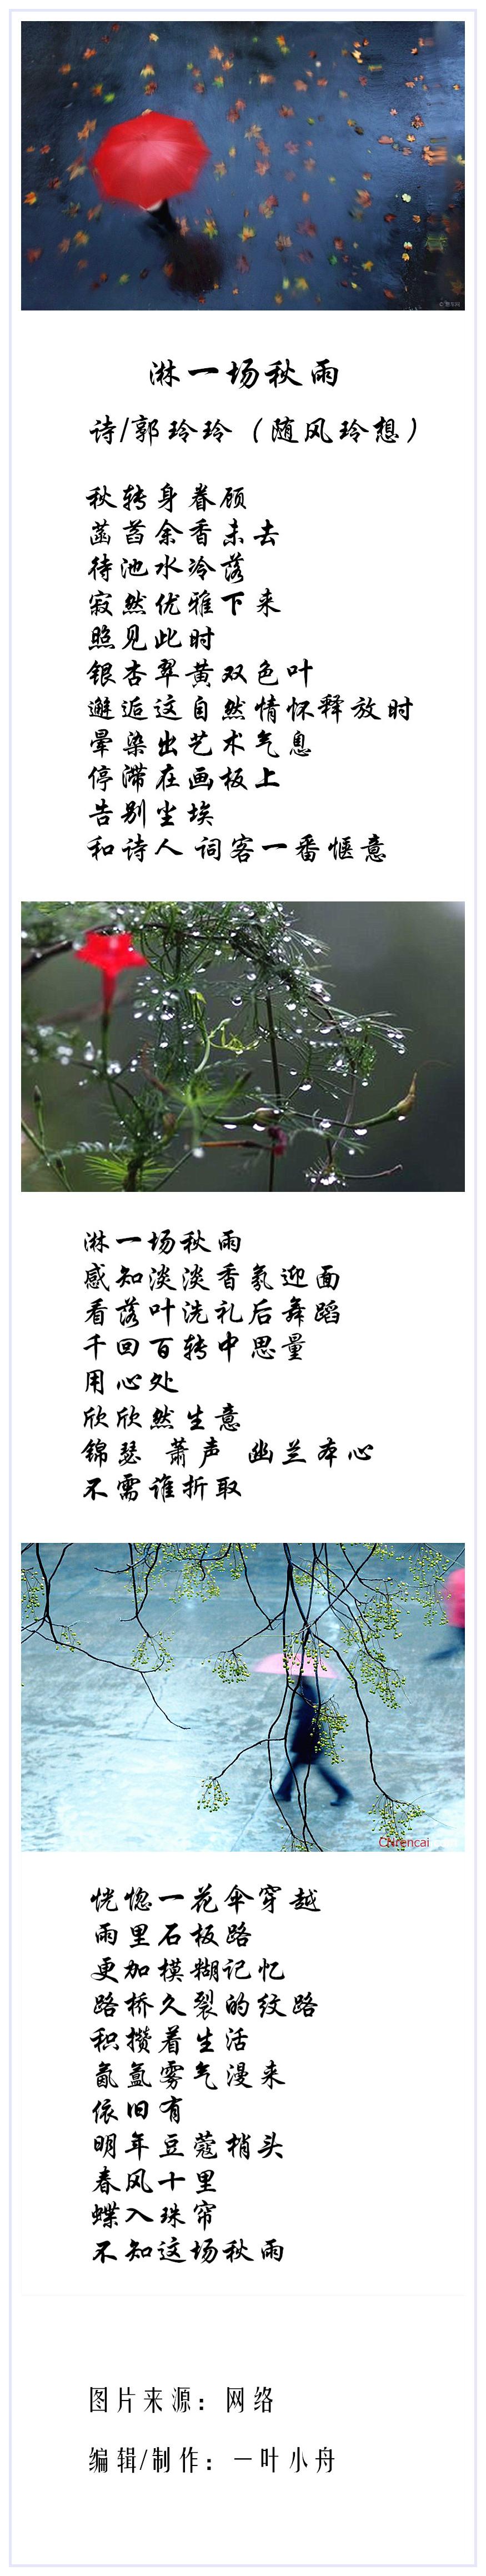 郭玲玲淋一场秋雨诗合成